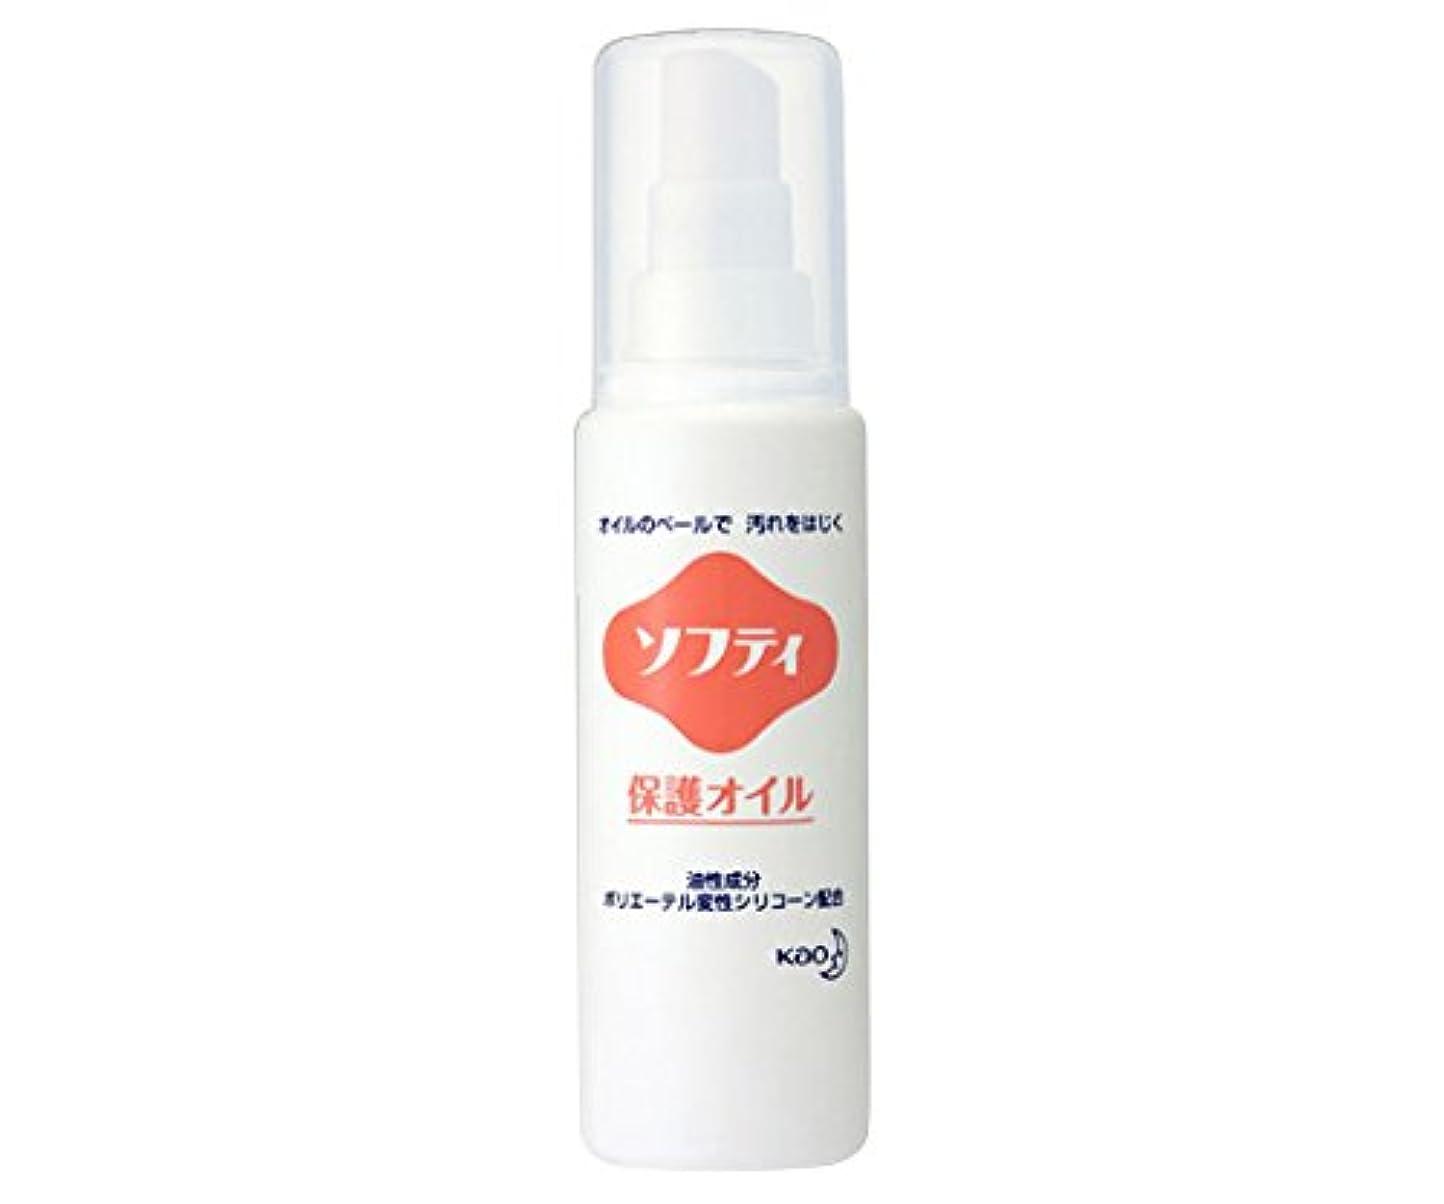 石膏止まるメリーソフティ 保護オイル 90mL (花王プロフェッショナルシリーズ)